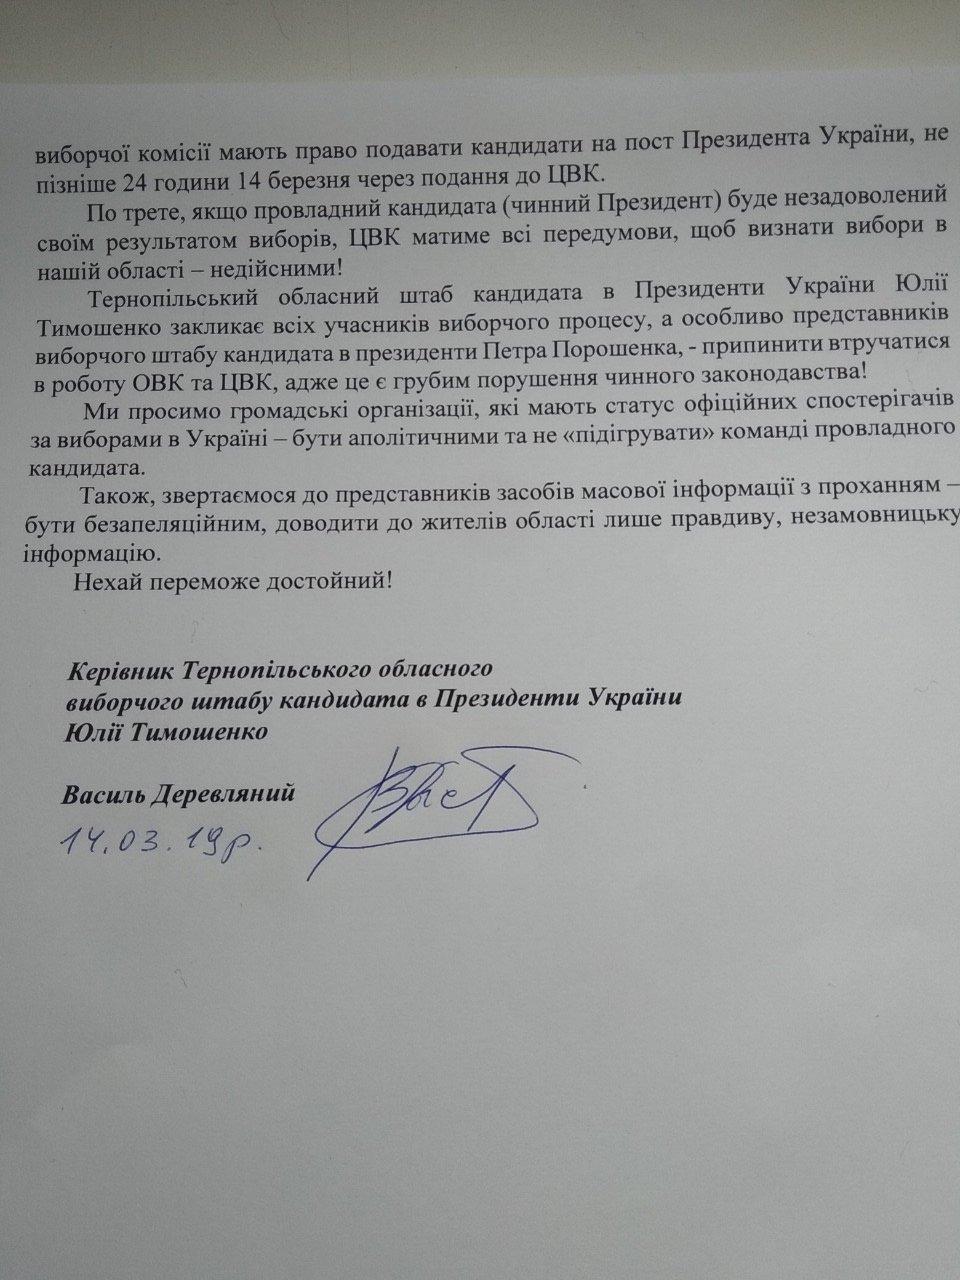 Розпуск тернопільської ОВК загрожує зривом виборчого процесу в області - офіційна заява, фото-2